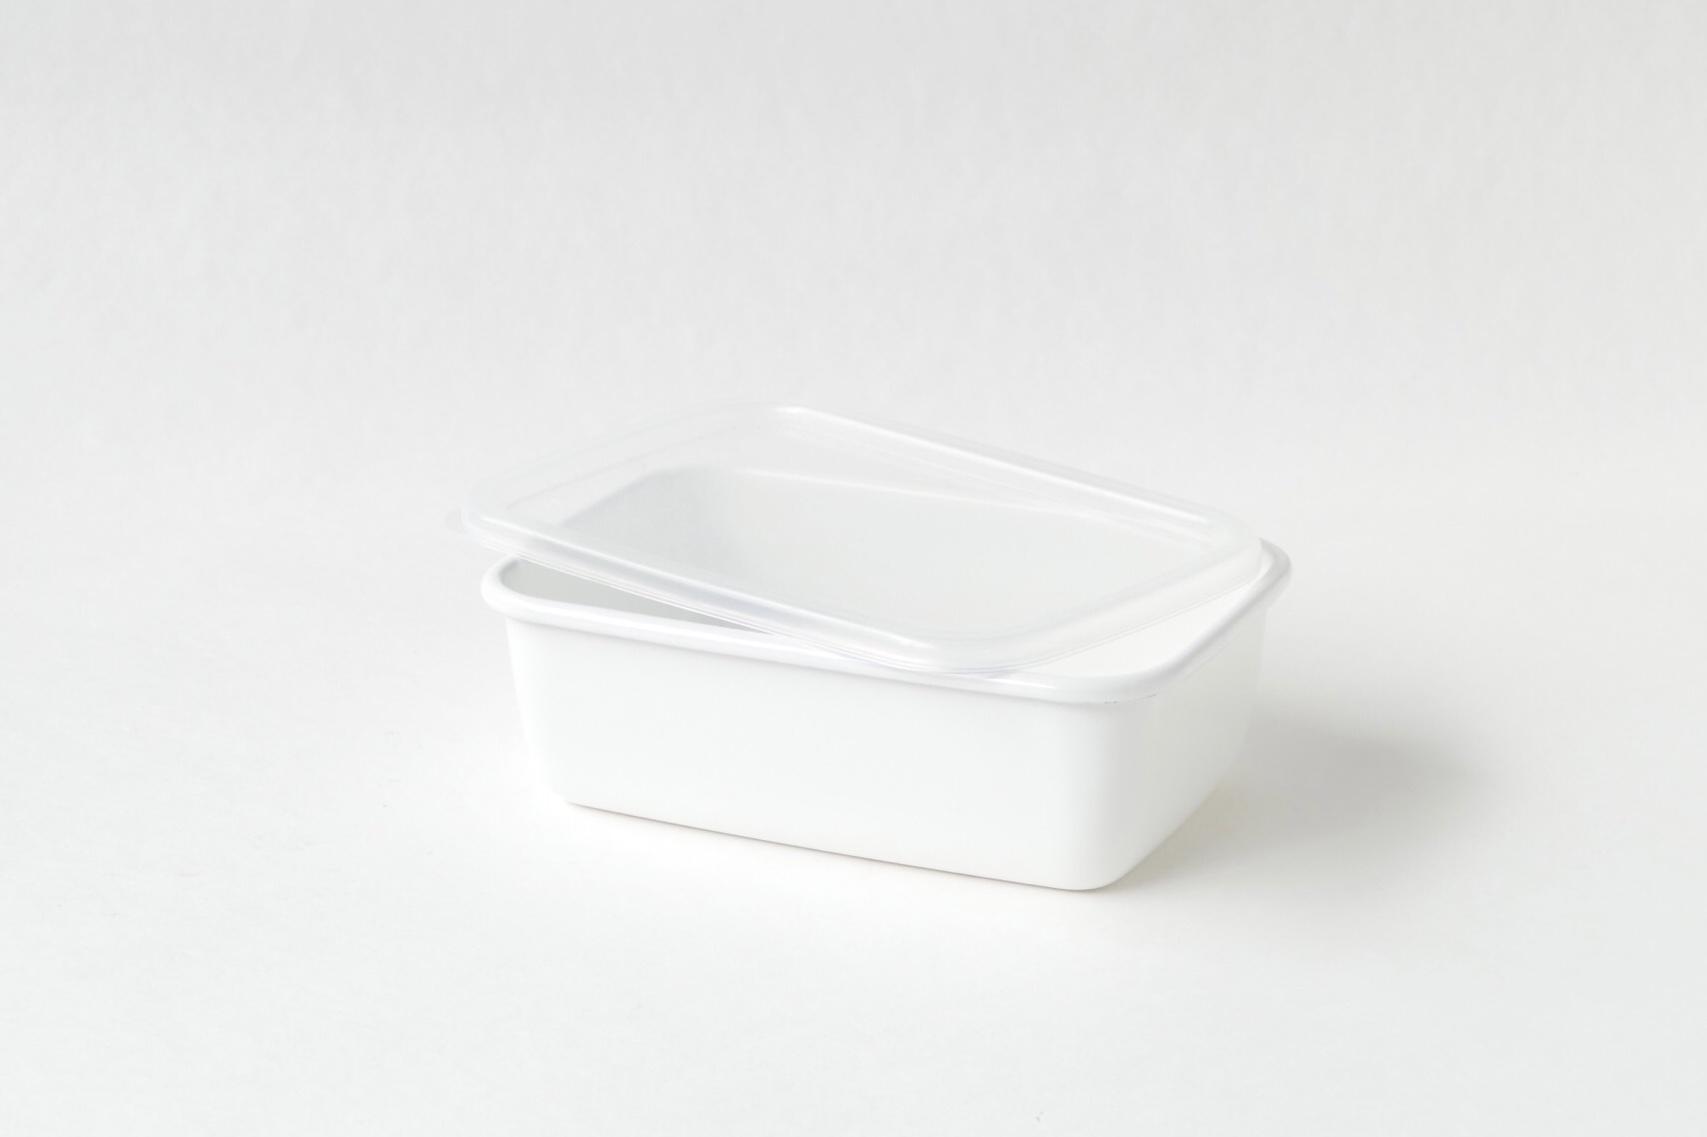 野田琺瑯 レクタングル深型L シール蓋つき